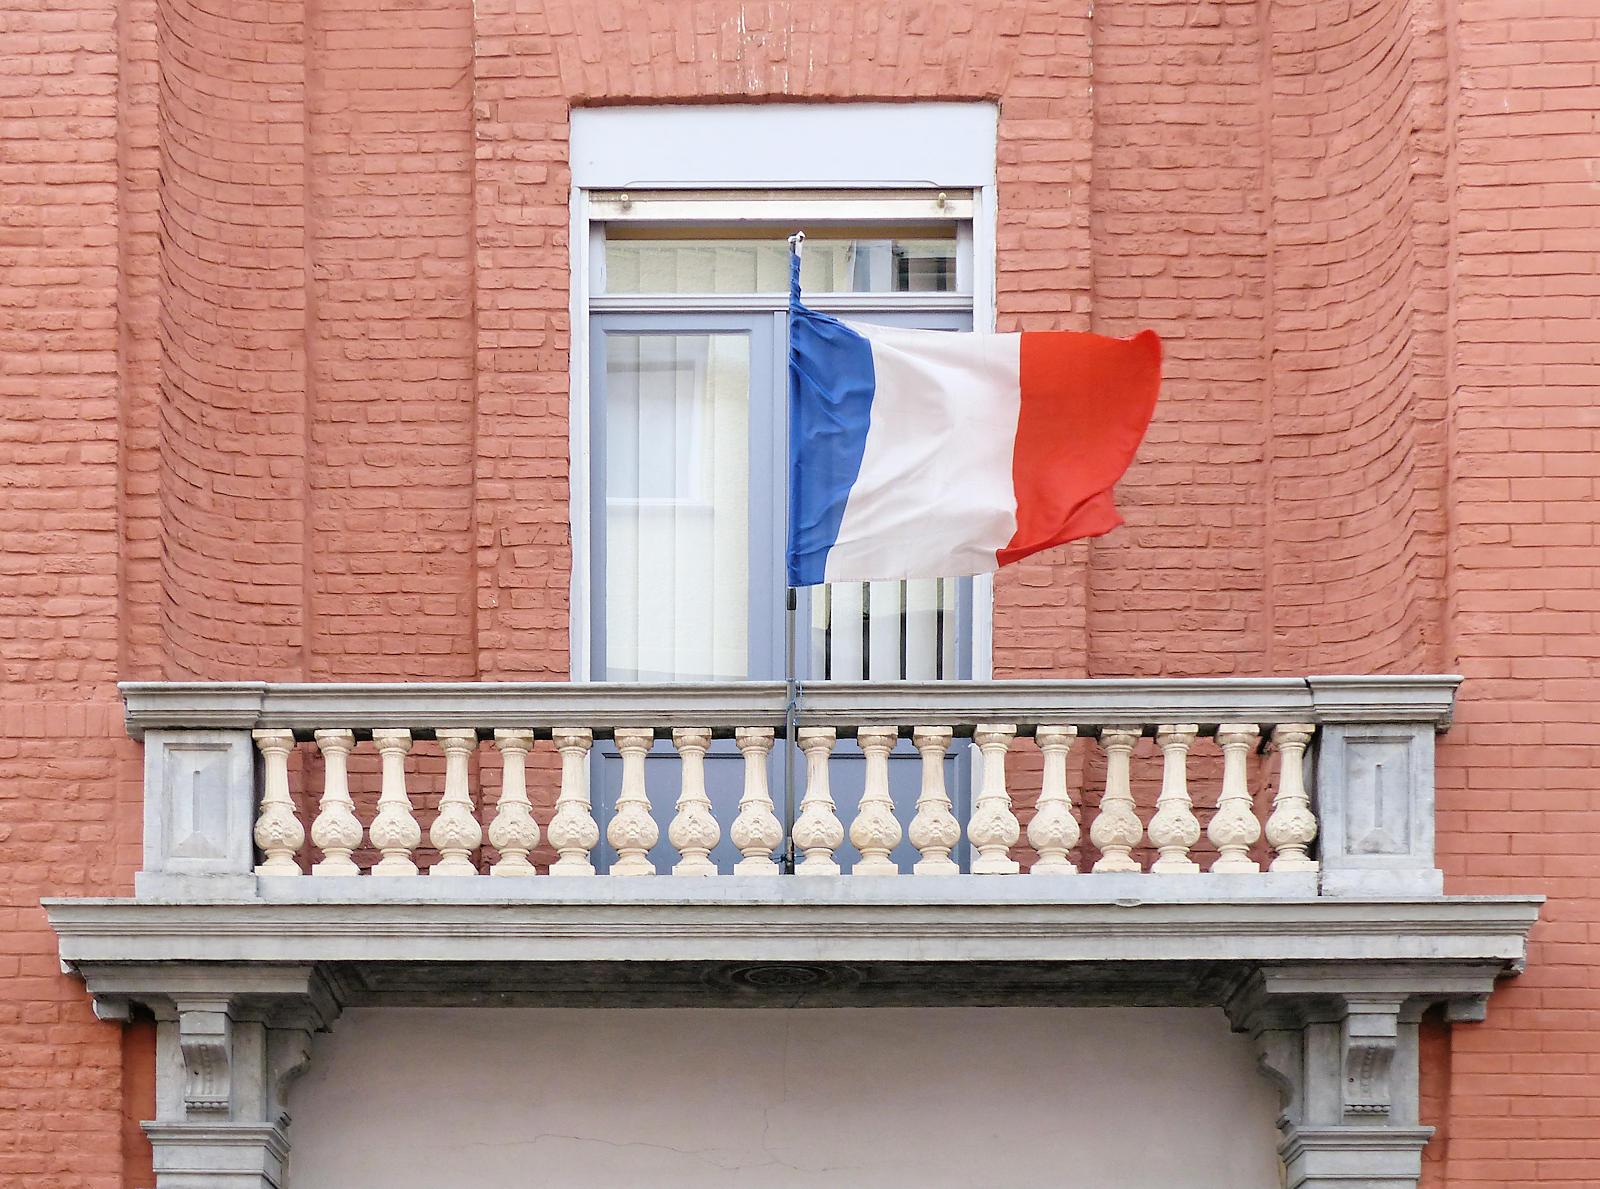 École Primaire CNDI, Tourcoing - Balcon et Drapeau.